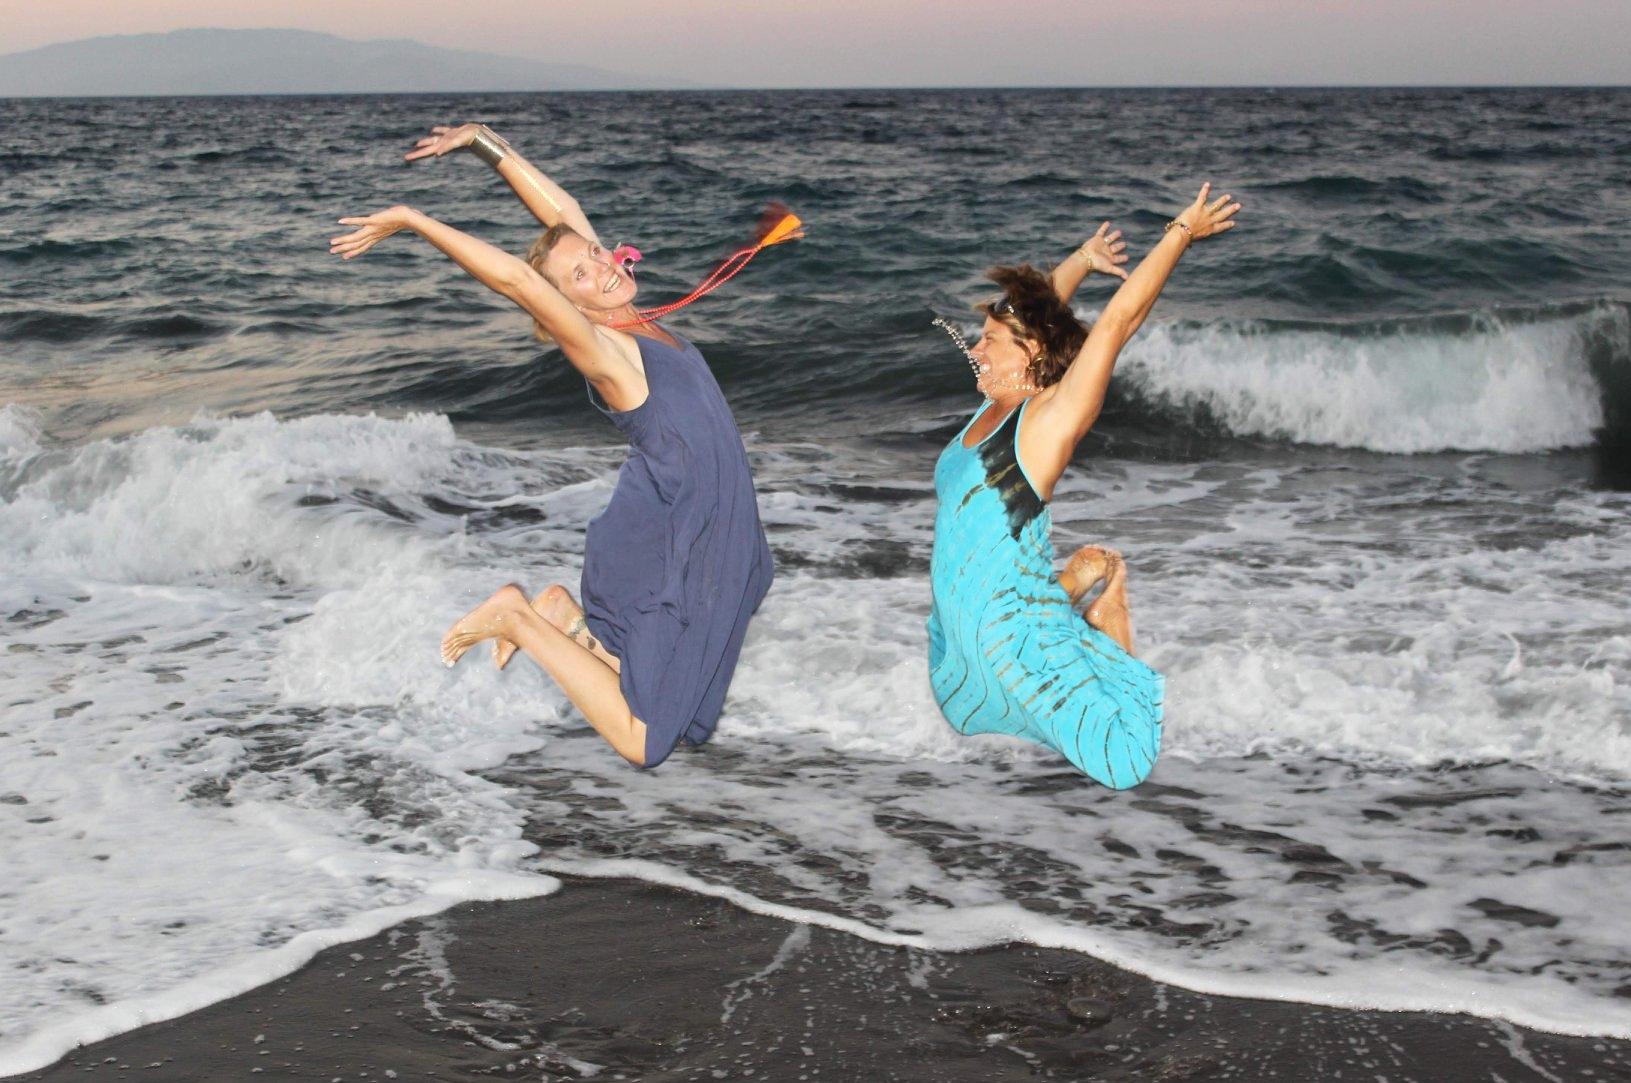 marlene koenig and tara mccabe shakti yoga key west thailand.jpg